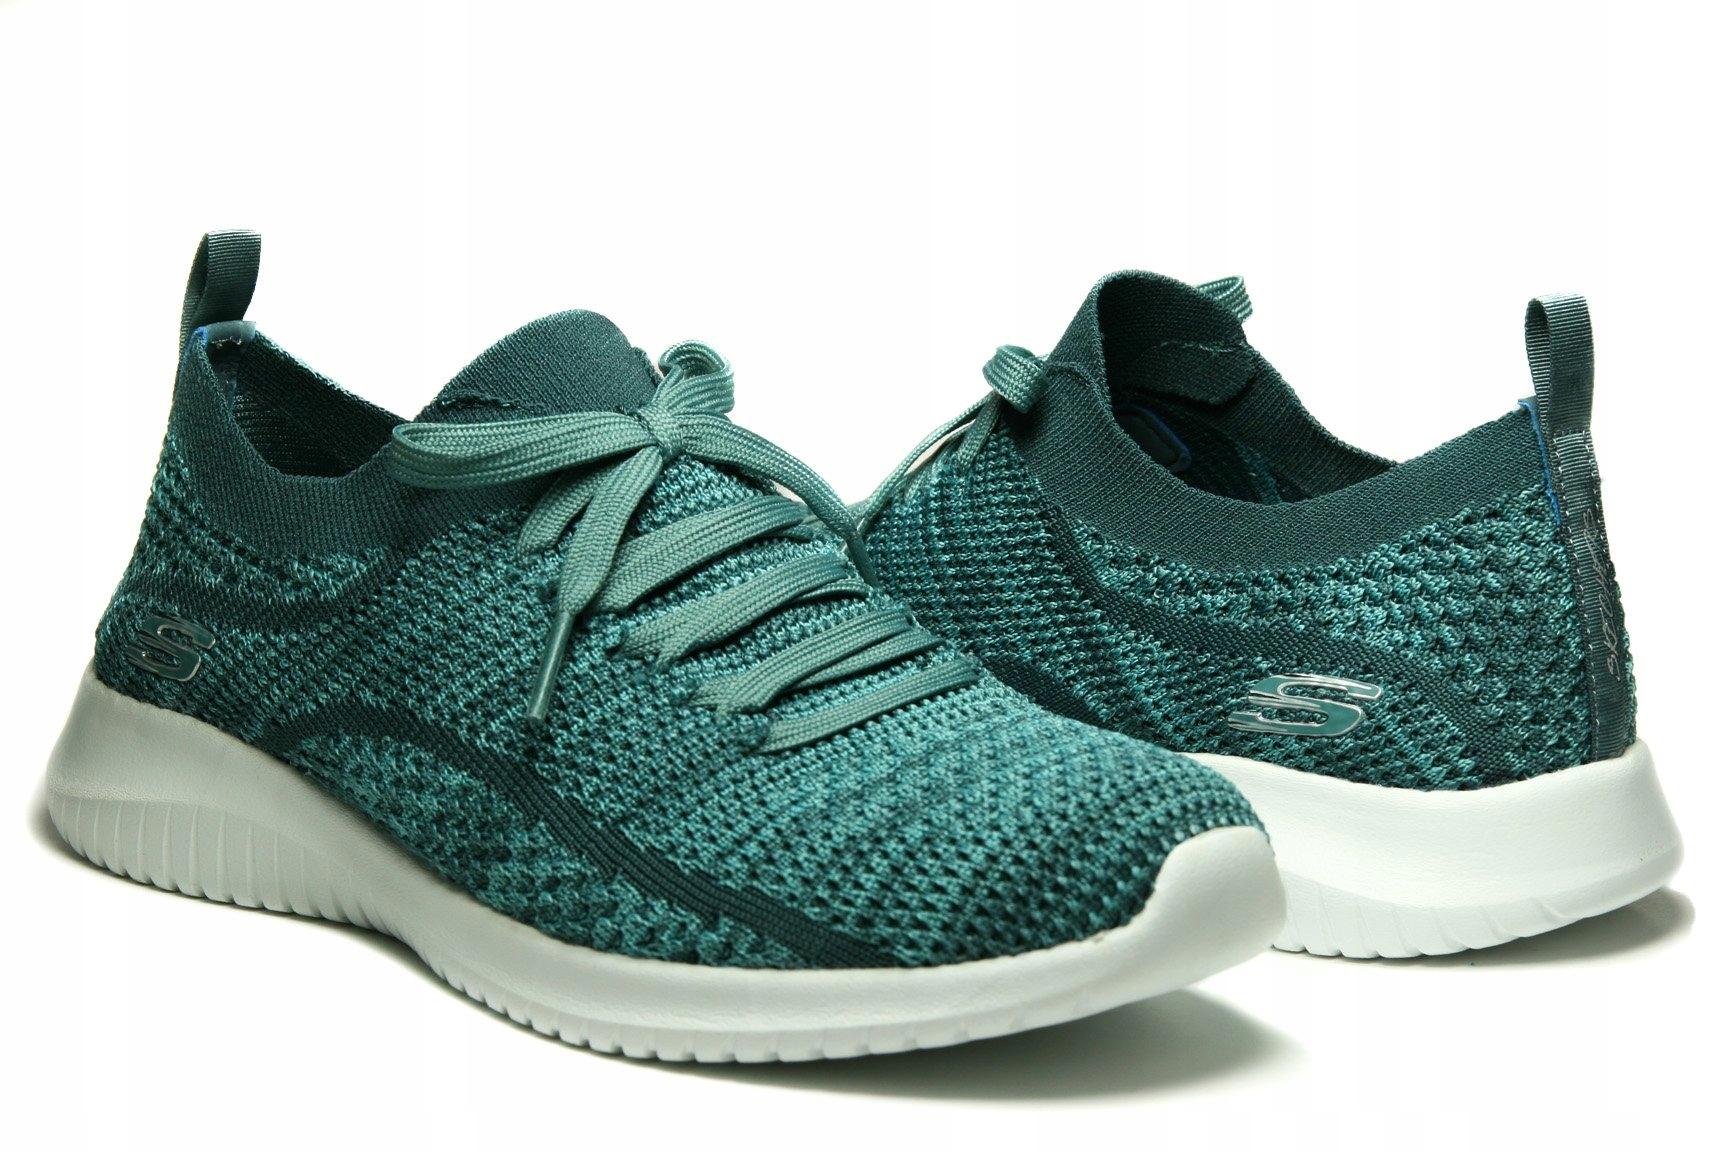 Buty damskie wsuwane Skechers 12841 - Różne rozm.